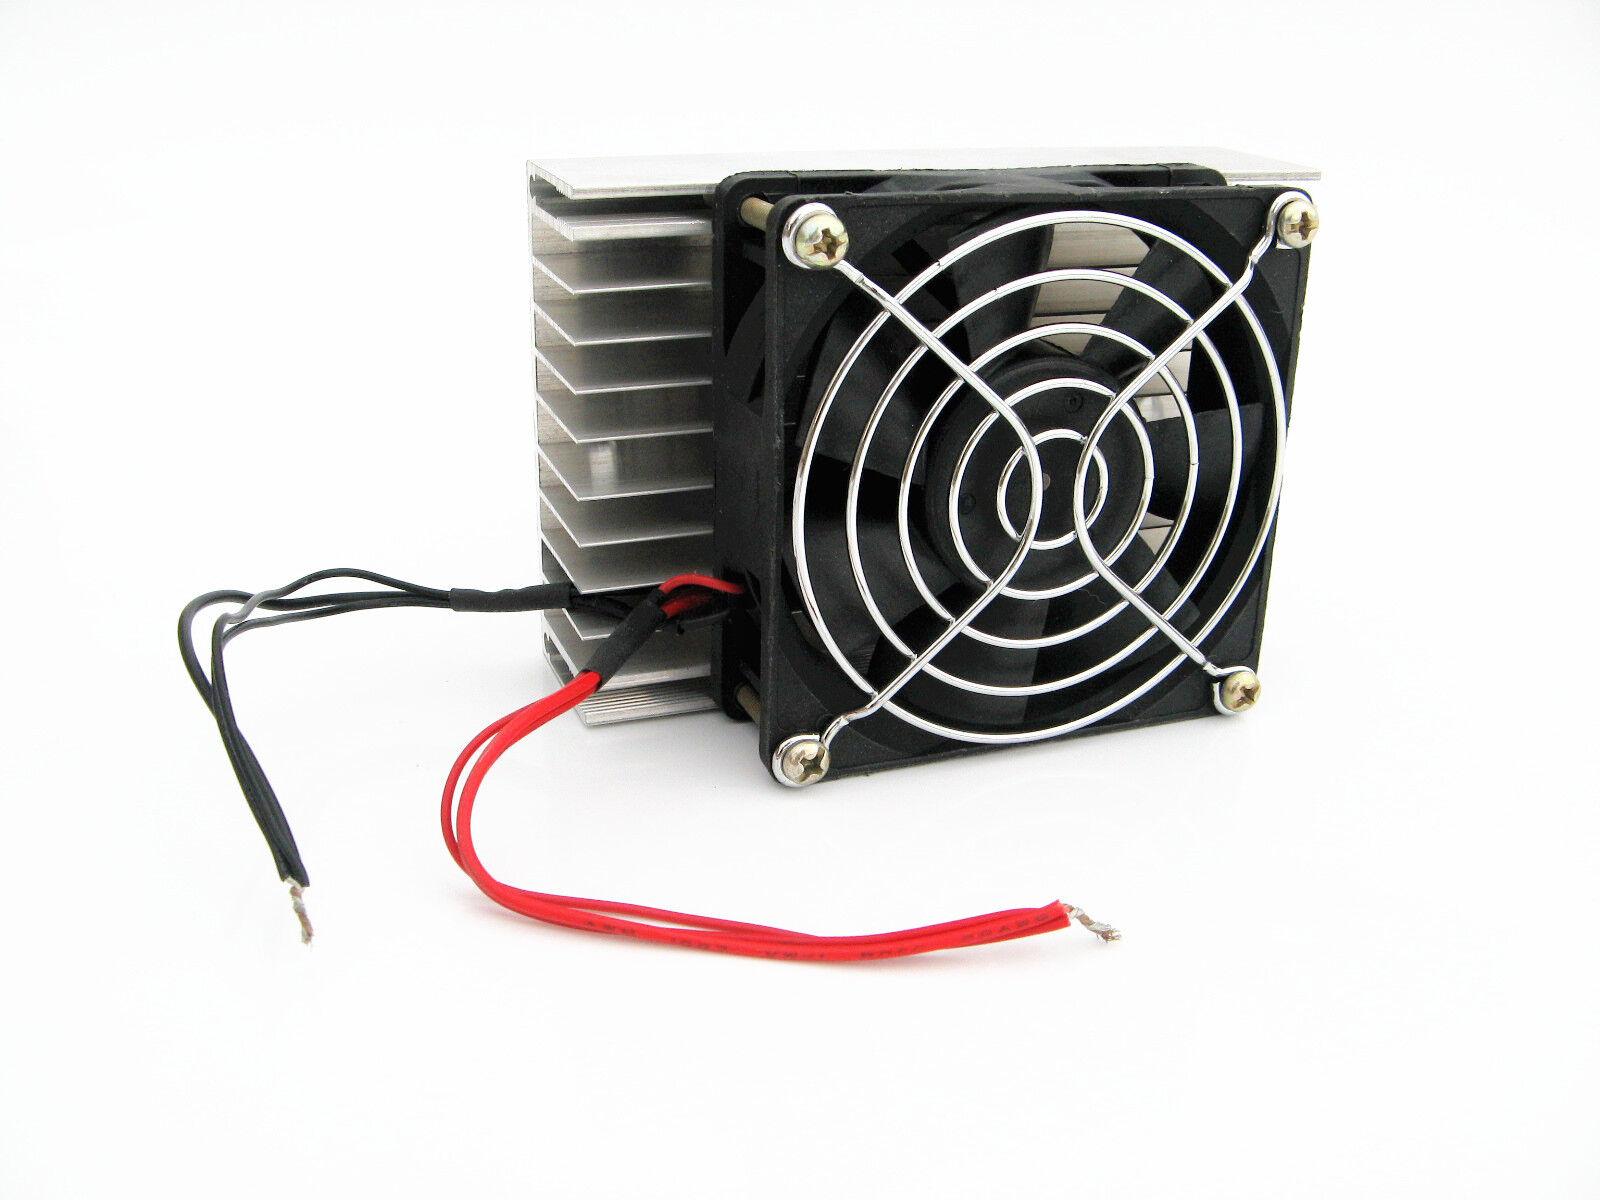 Dc12v 65w Cooling Pet Air Conditioner Cooler Refrigerator For Diy Dog House Ebay